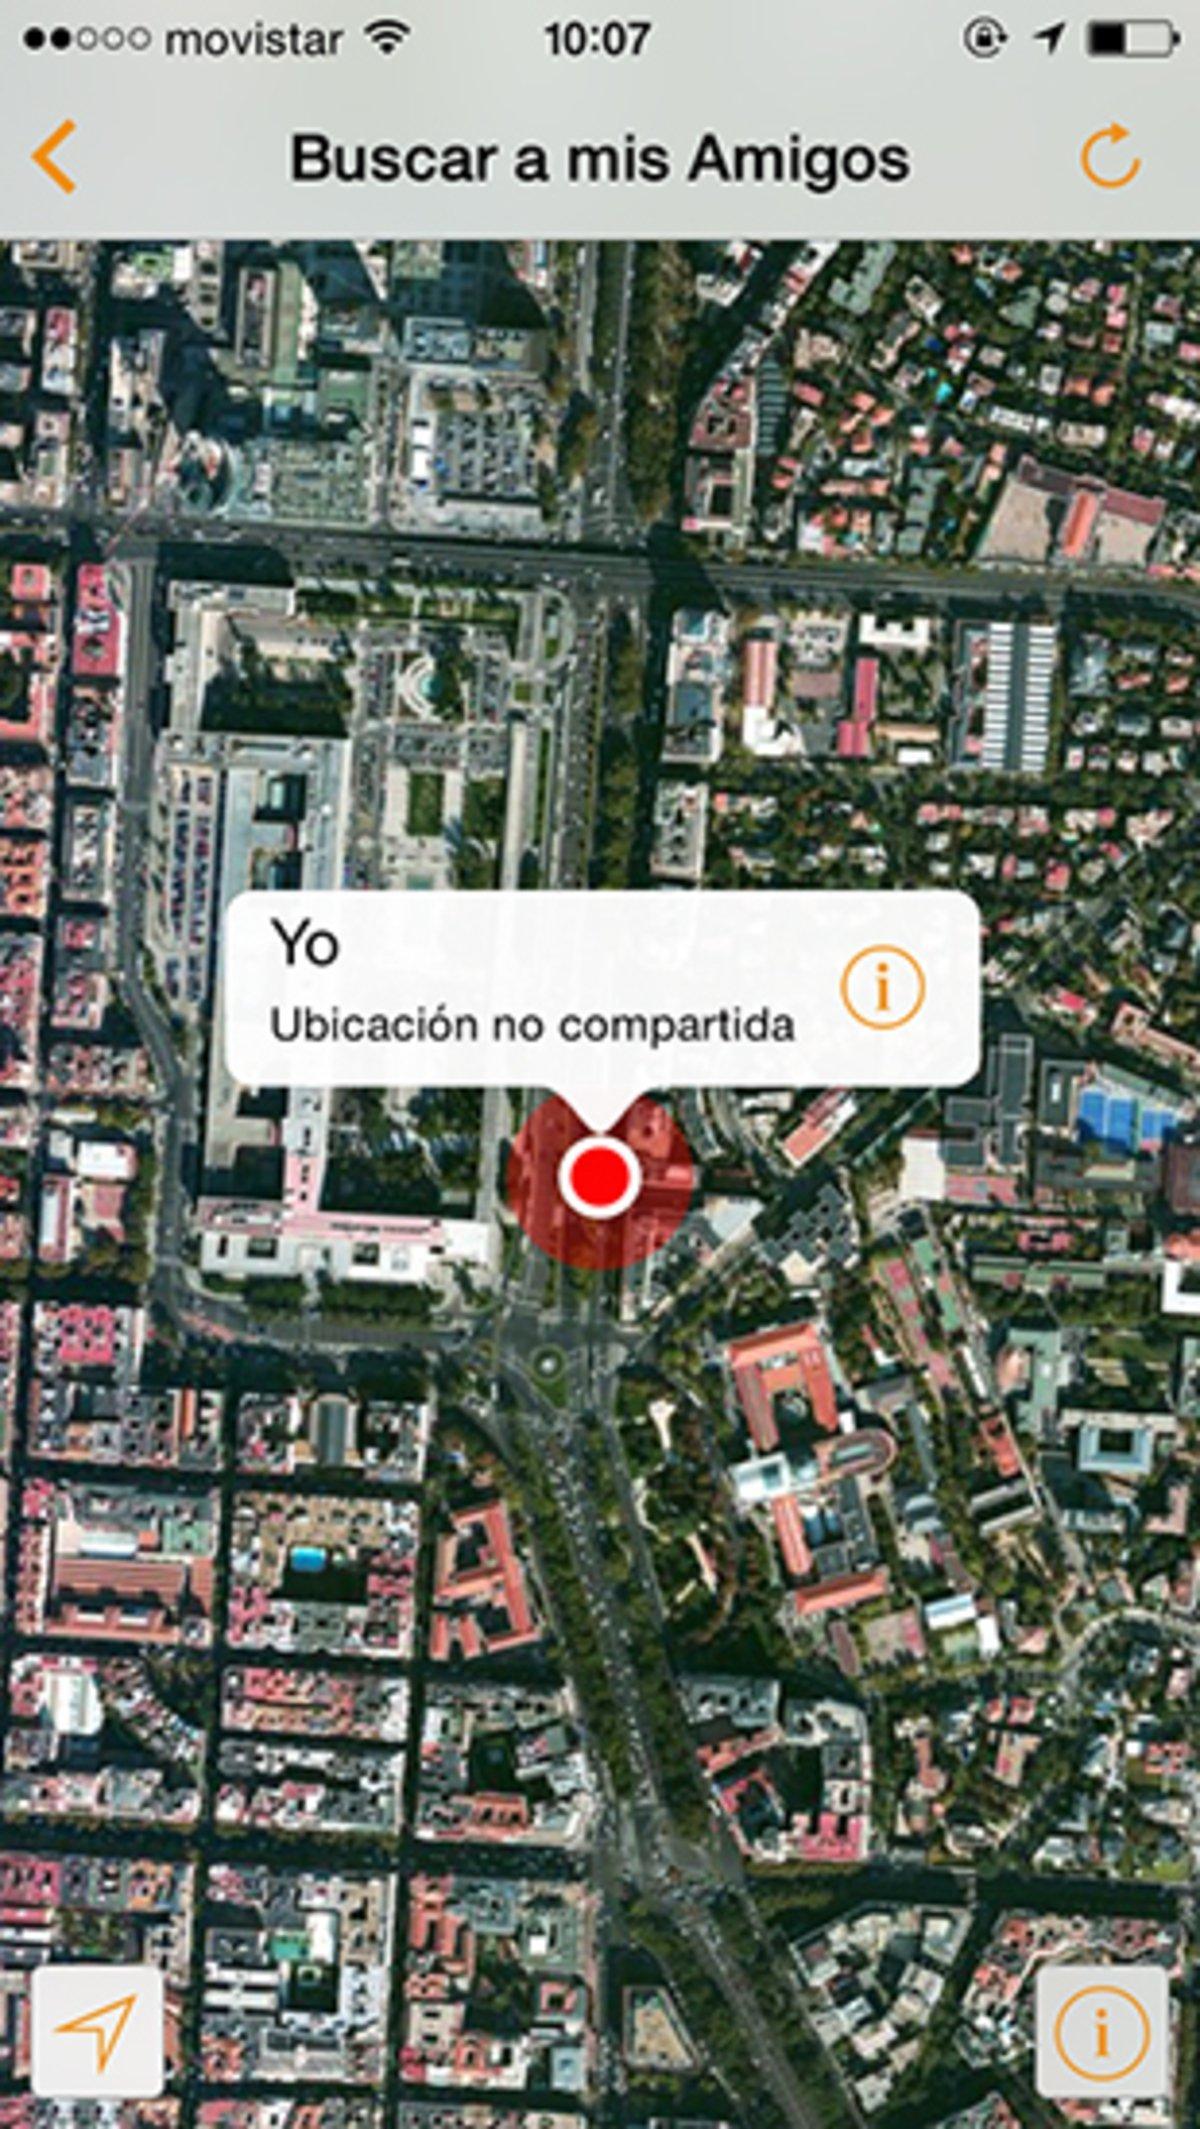 analisis-completo-app-buscar-a-mis-amigos-5